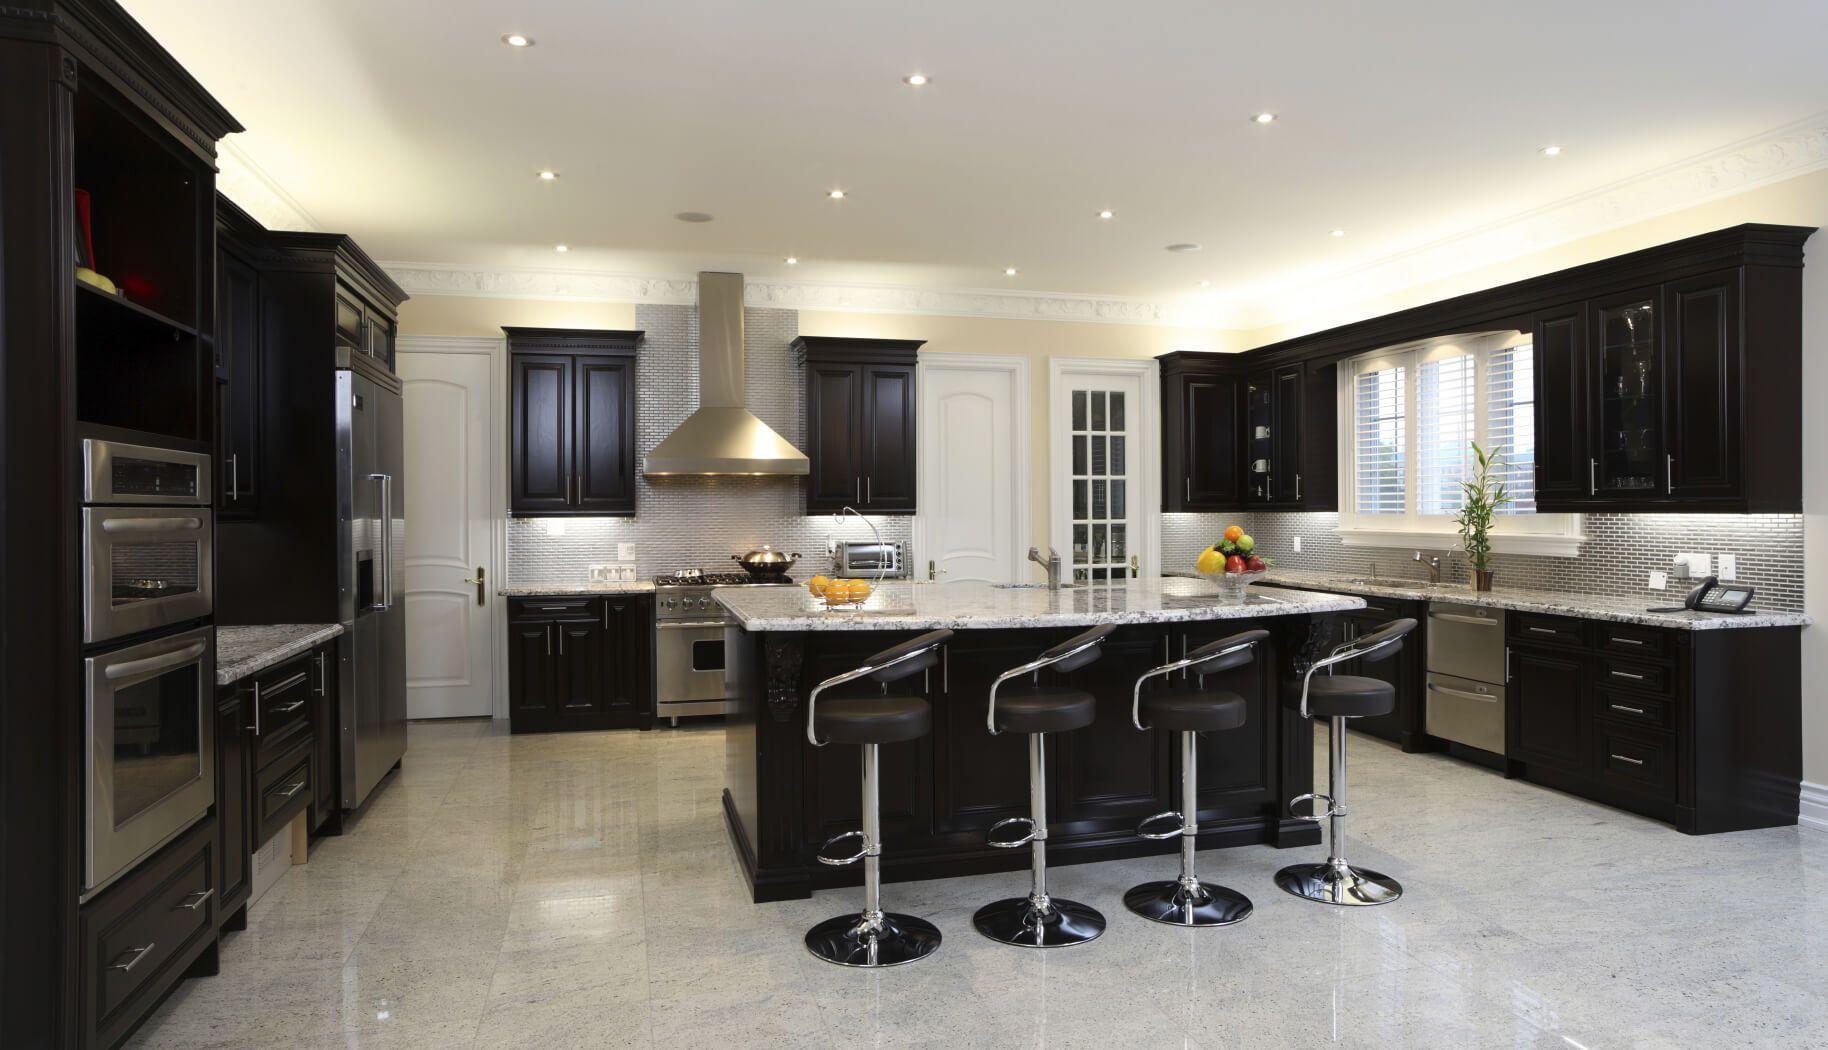 52 Dark Kitchens With Dark Wood And Black Kitchen Cabinets Dark Kitchen Cabinets Modern Kitchen Colours Kitchen Cabinet Design